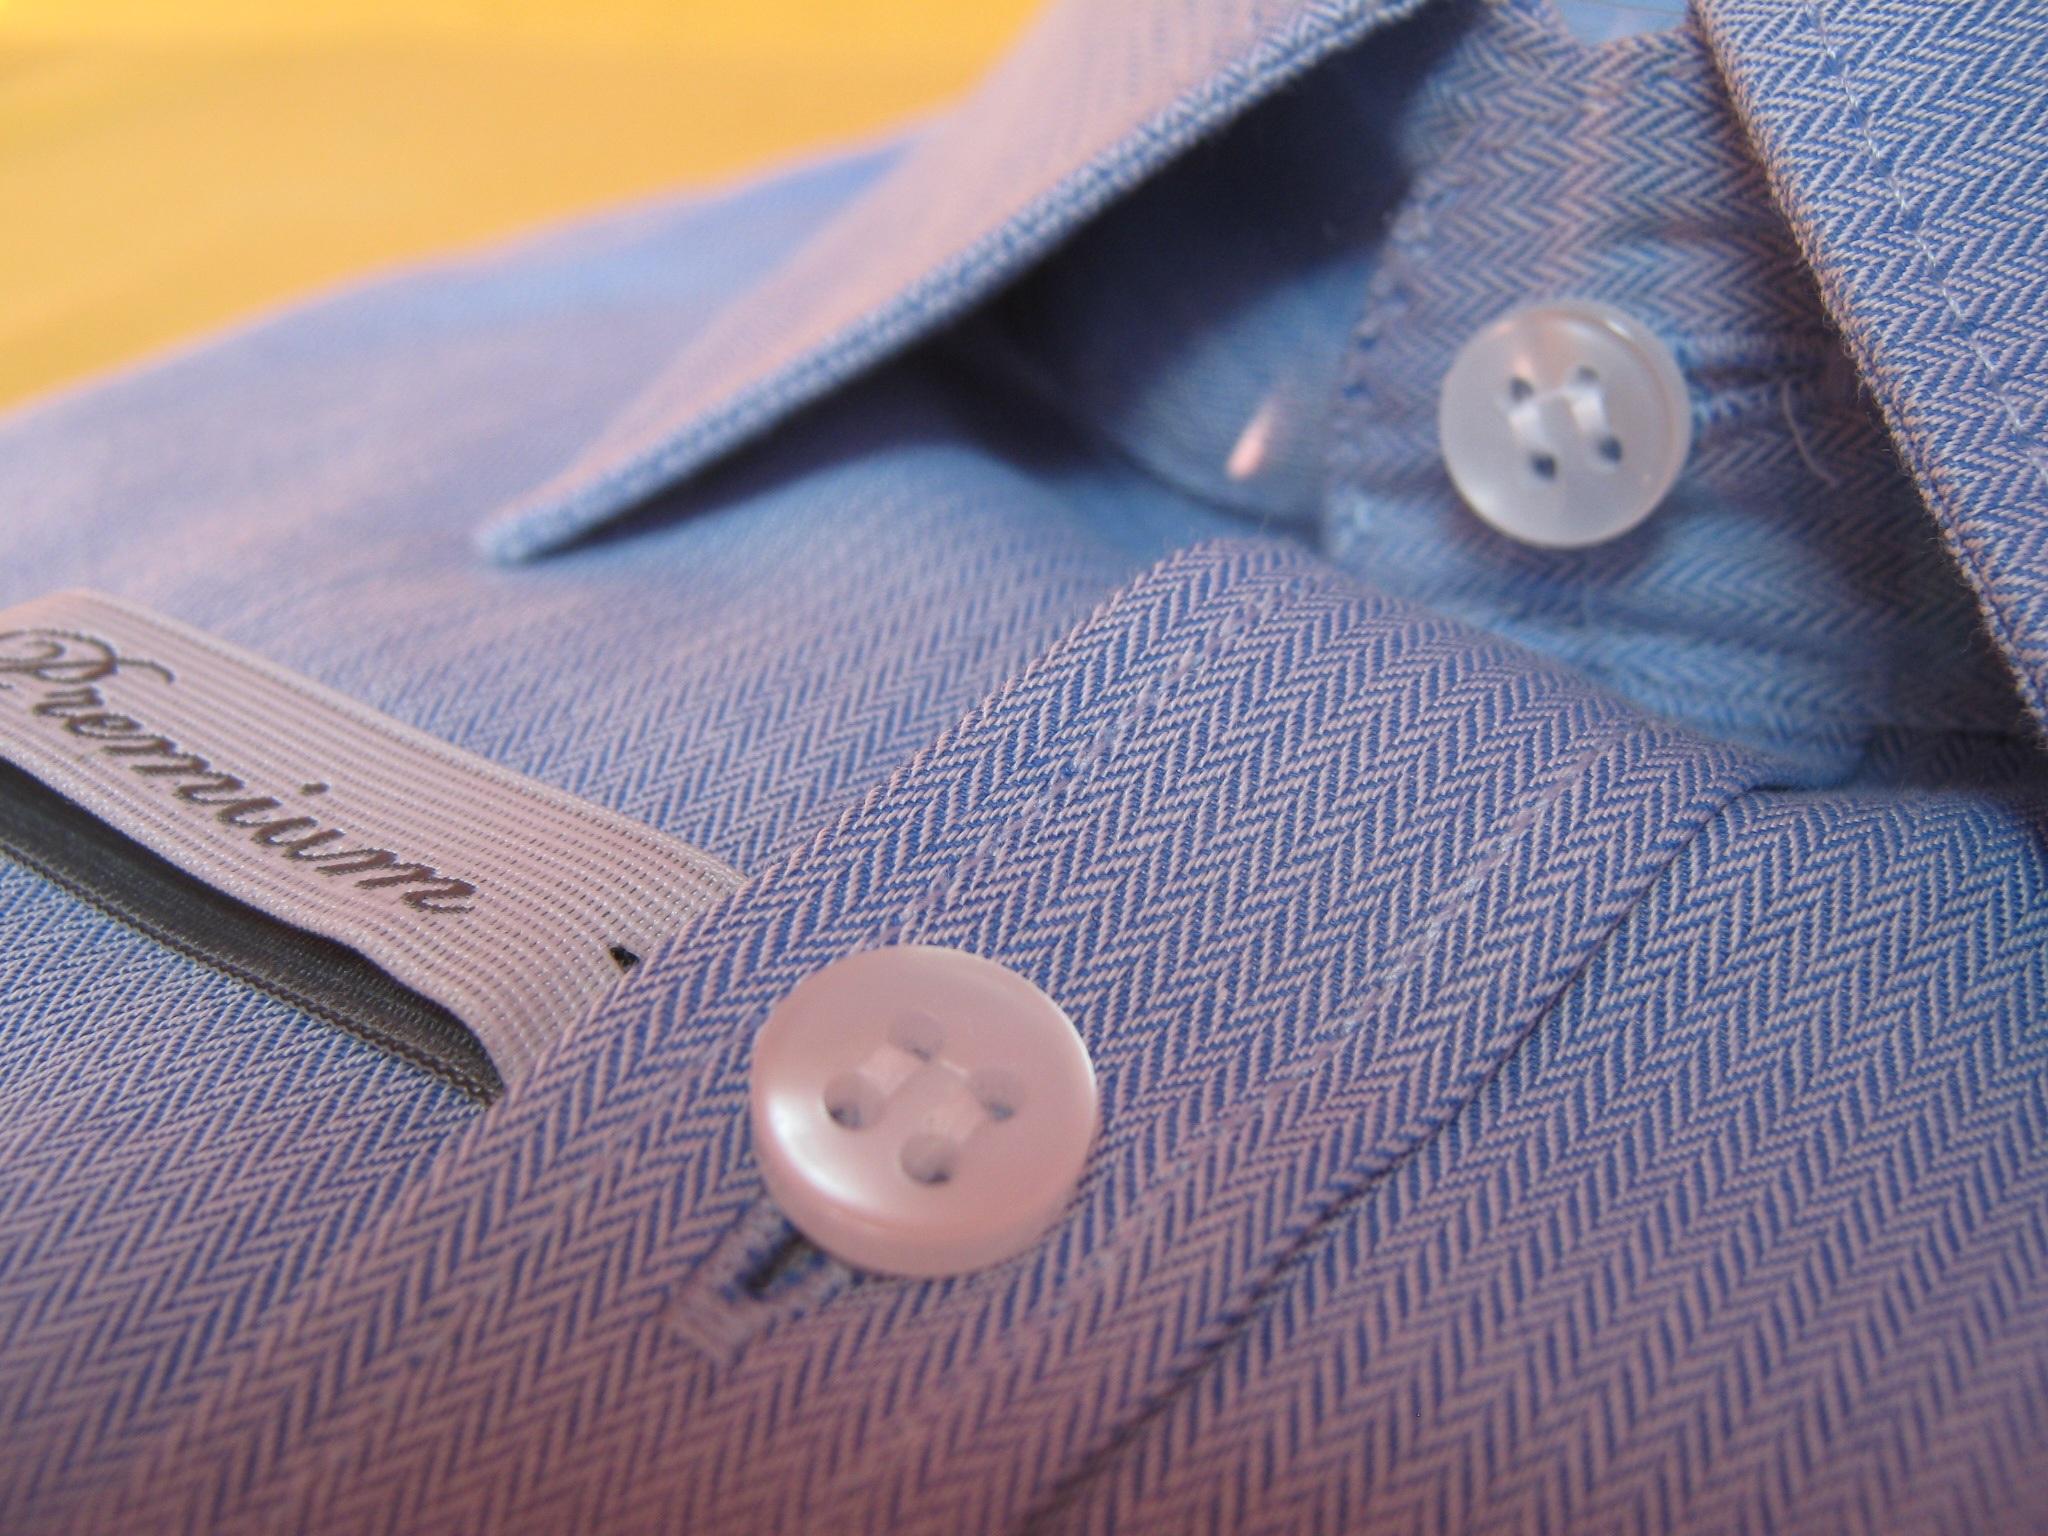 Fotos gratis : patrón, tienda, negocio, ropa, botón, producto ...